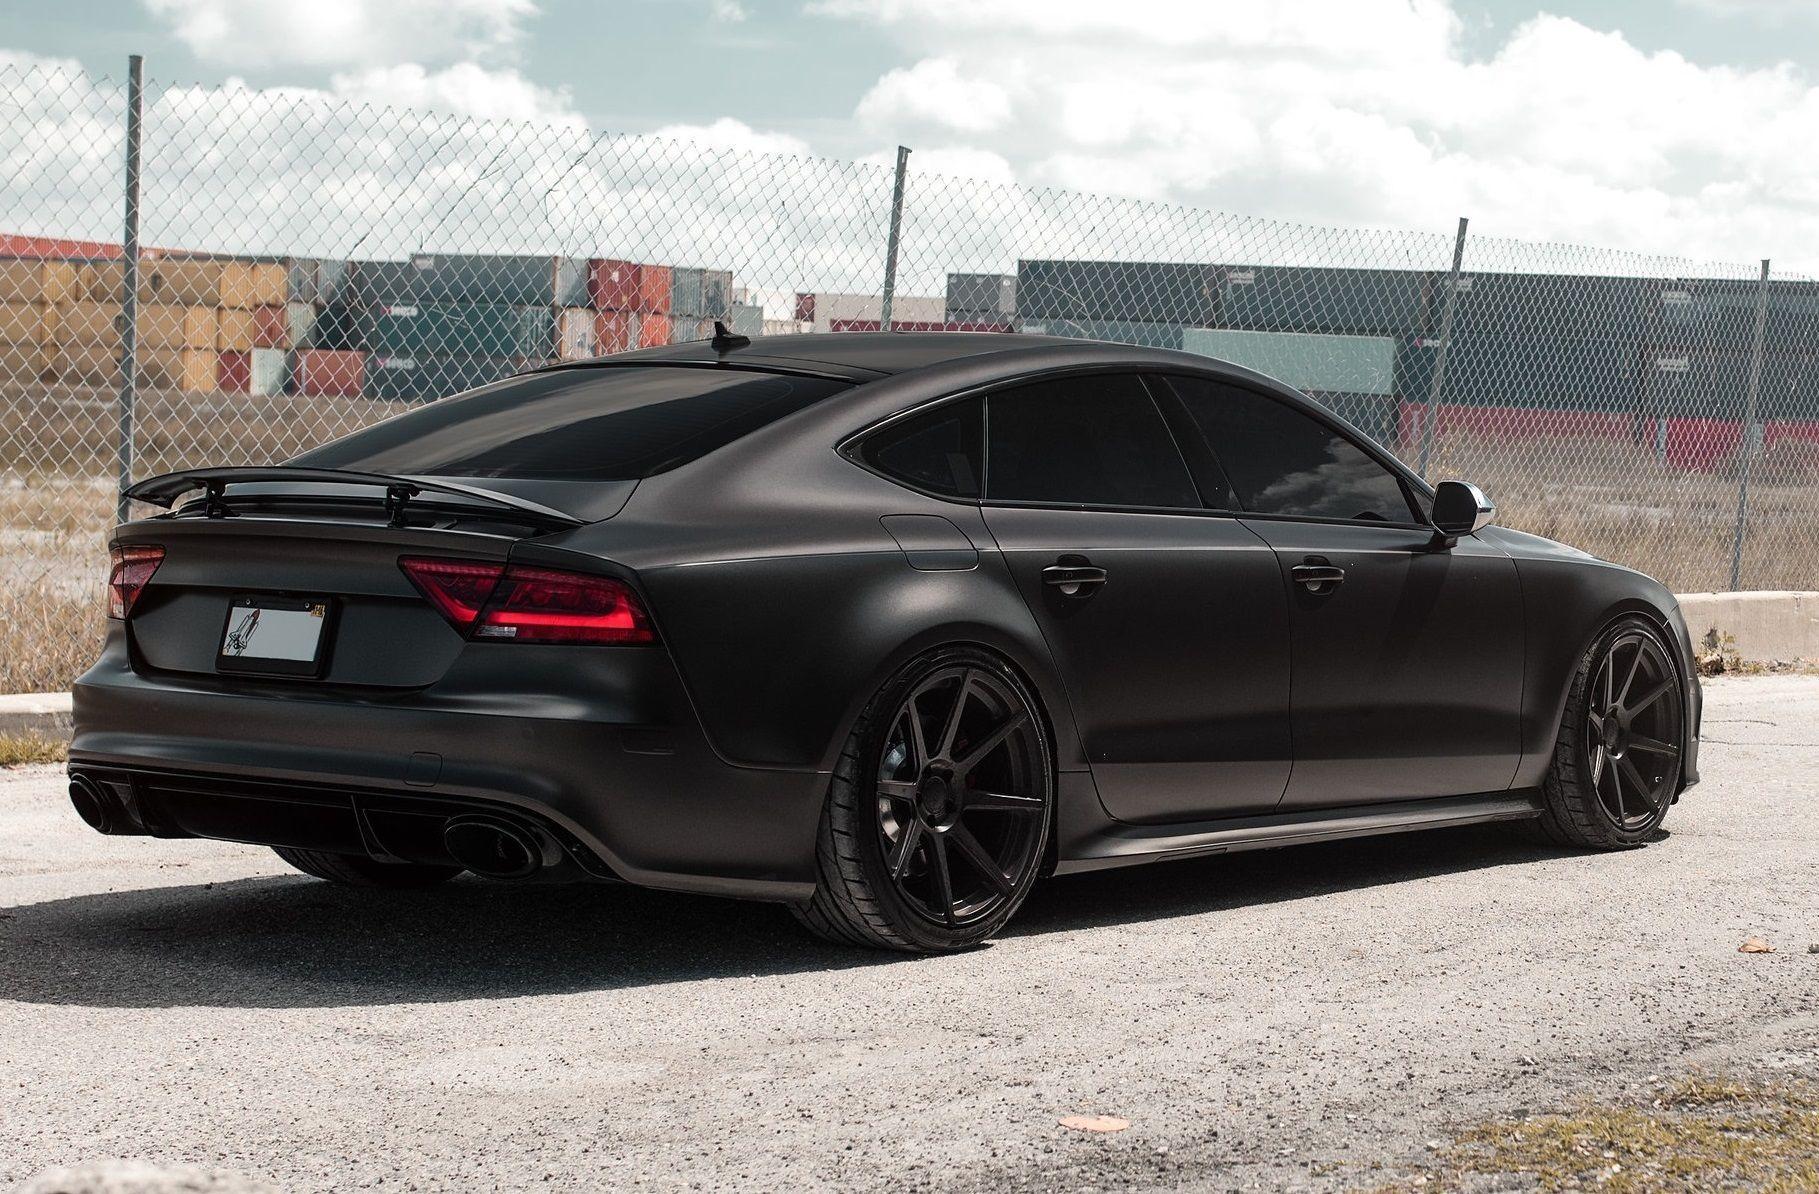 Matt Black Audi Rs7 On Velgen Wheels Love For Audi Black Audi